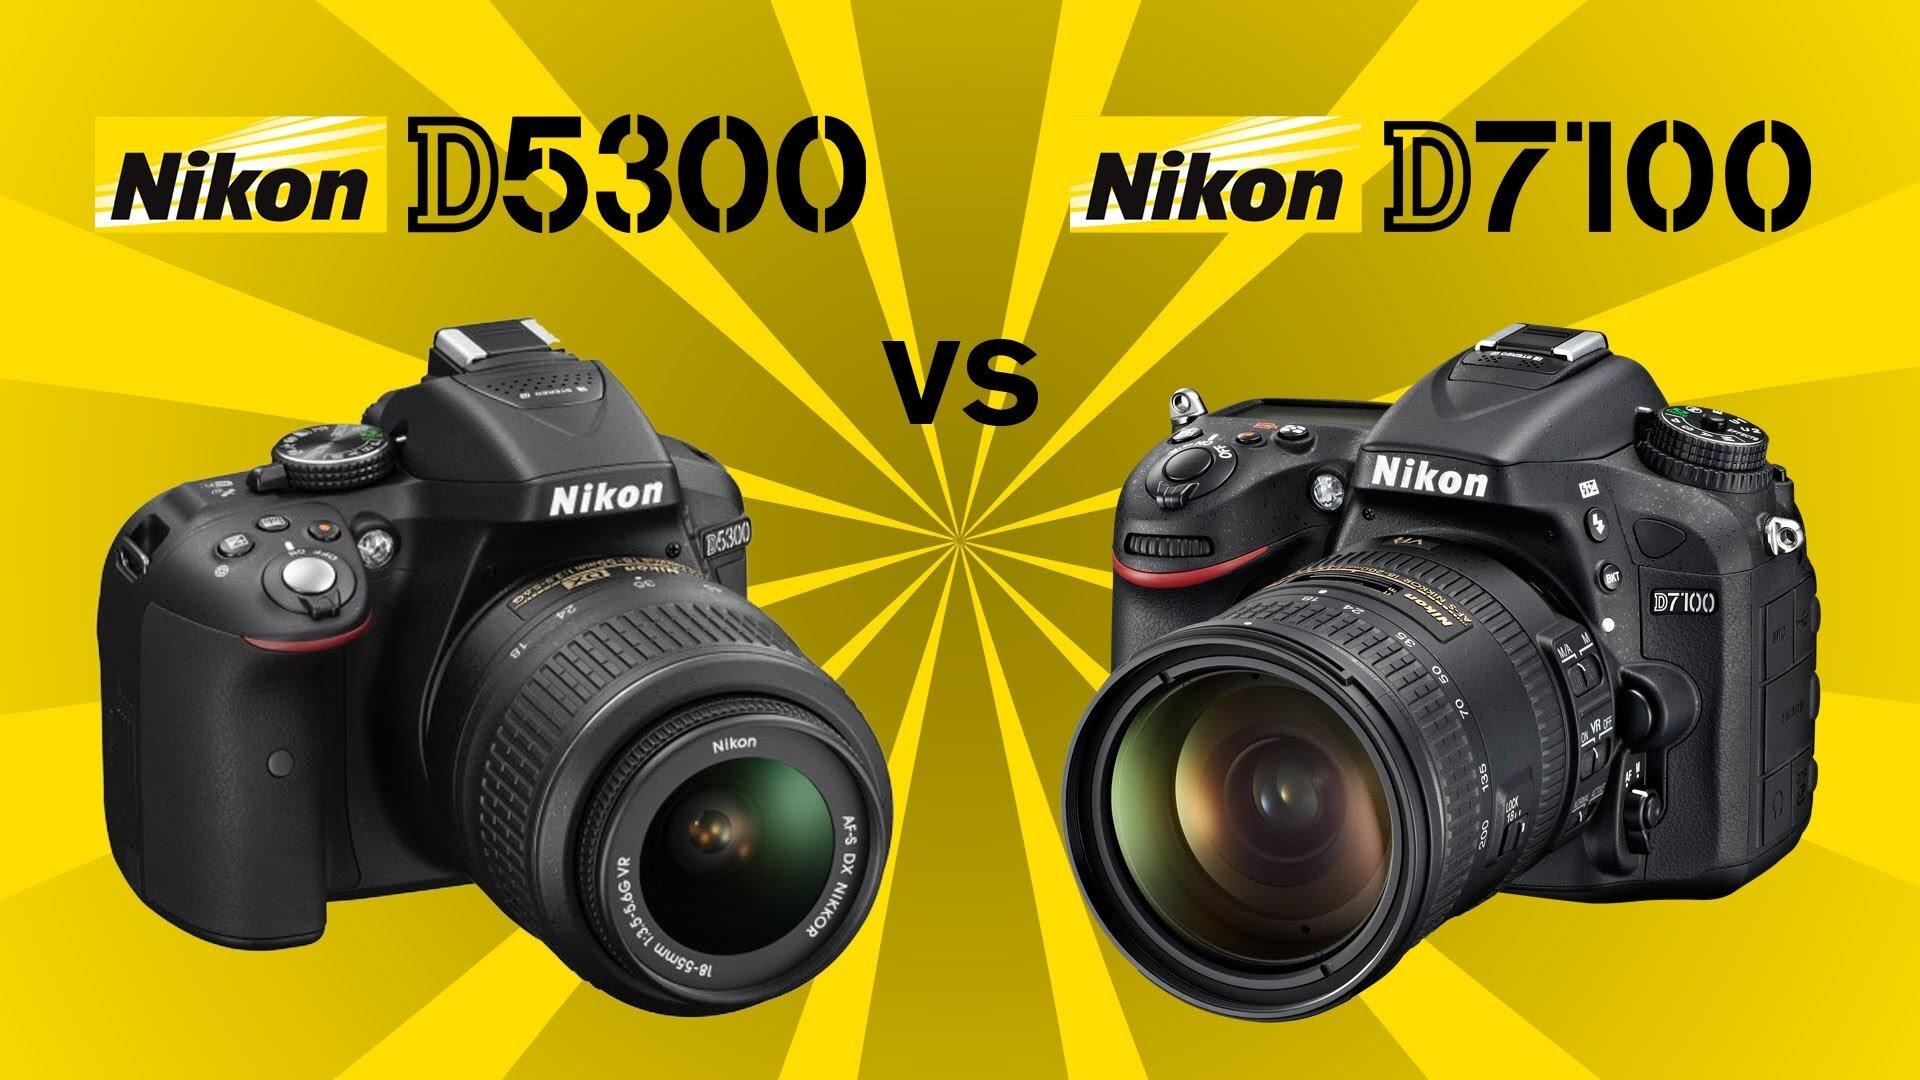 So sánh máy ảnh Nikon D7100 và Nikon D5300